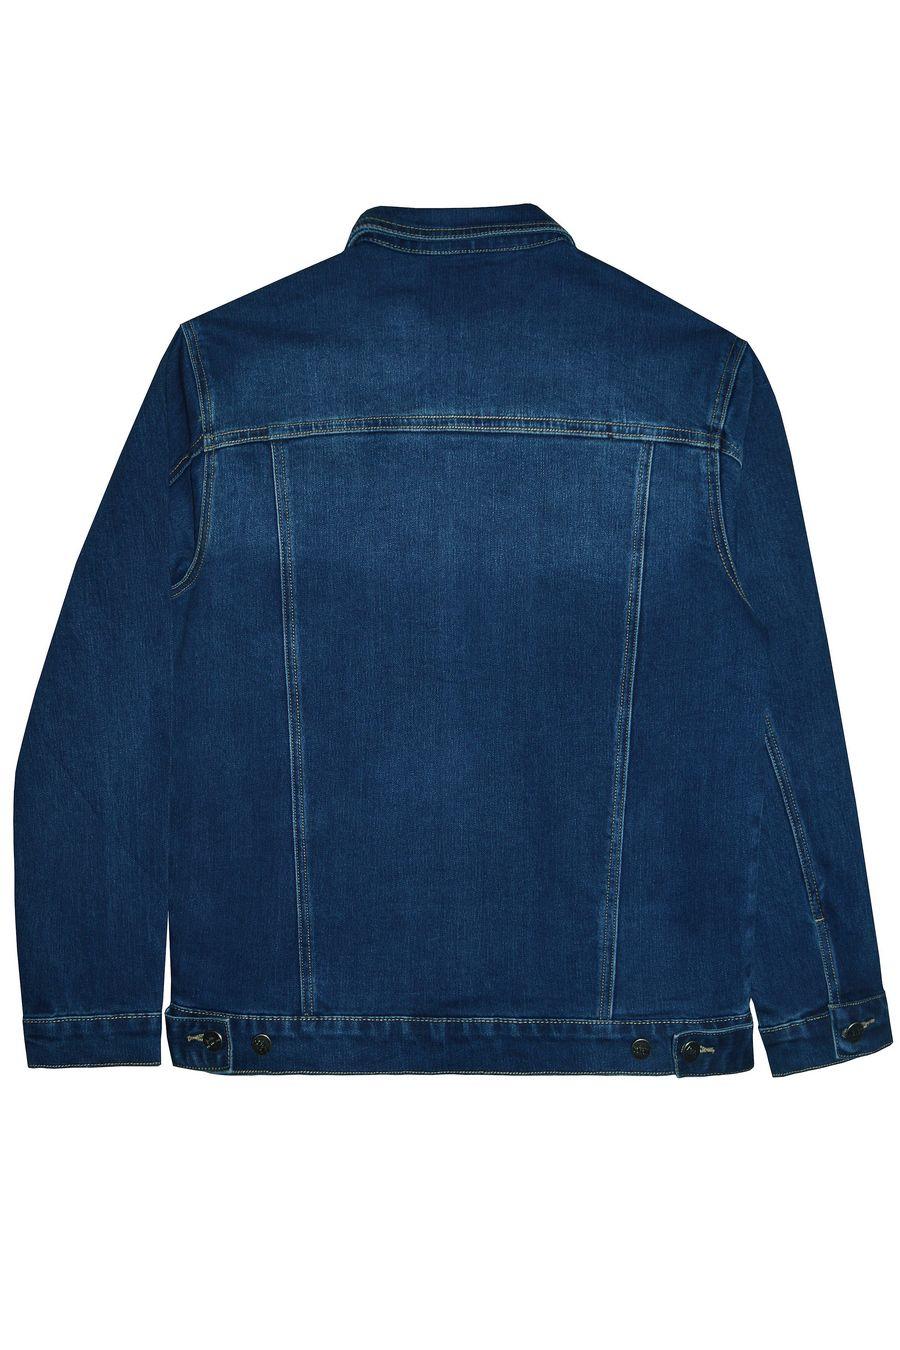 Пиджак мужской (джинсовка) Vicucs 728E.870-8T (M-3XL) - фото 2